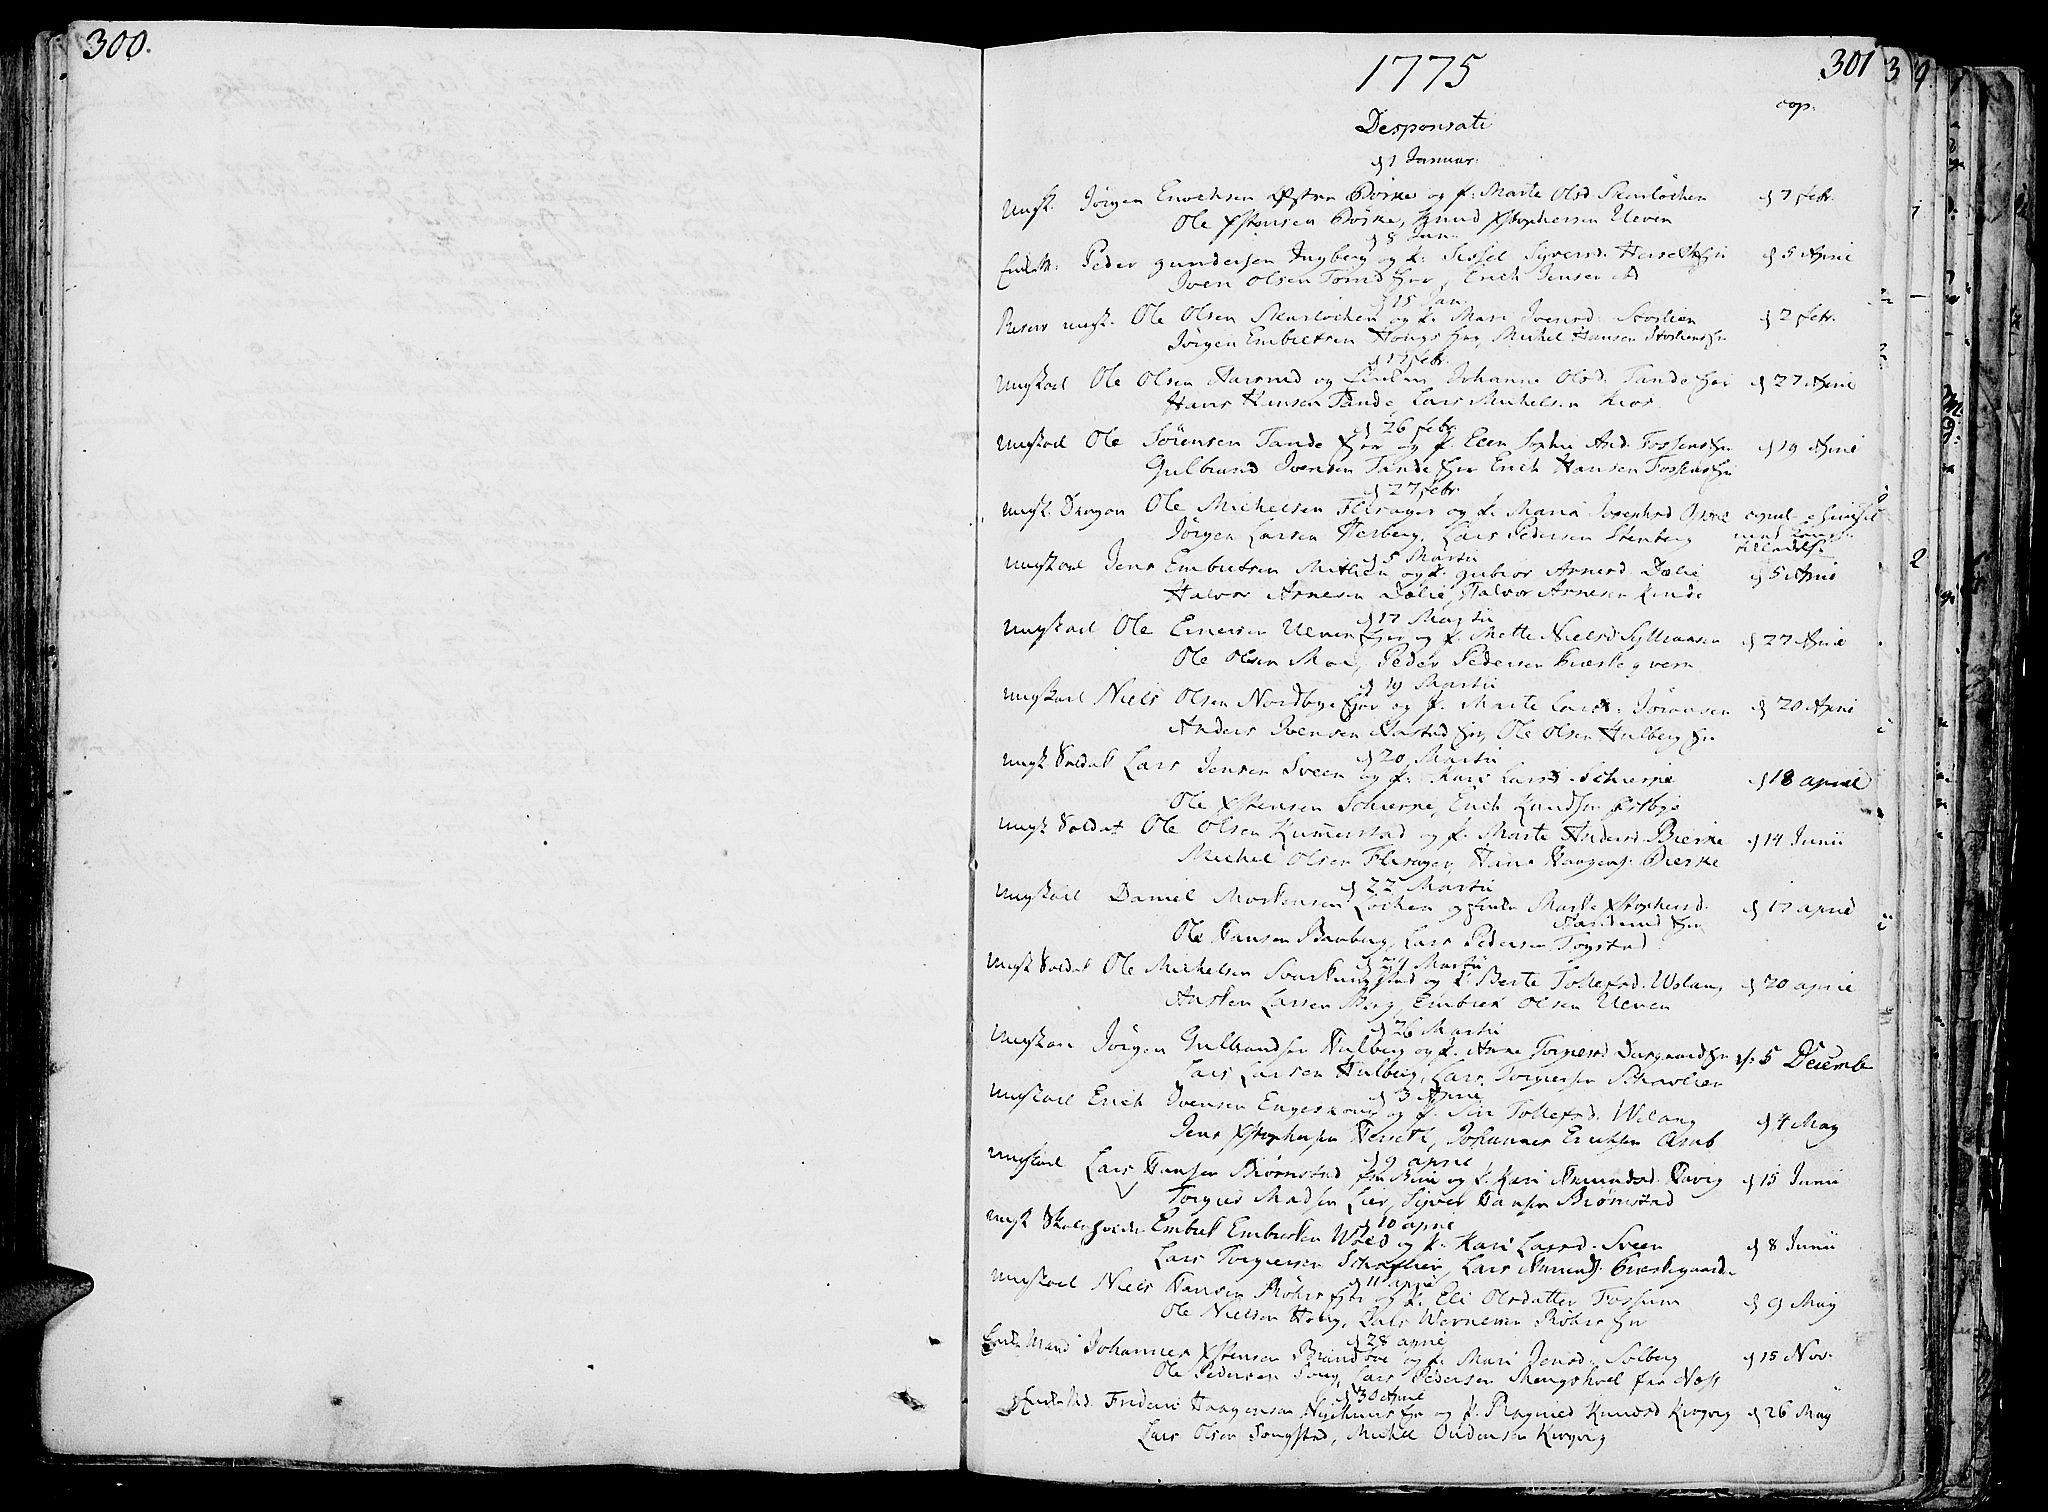 SAH, Ringsaker prestekontor, K/Ka/L0003: Ministerialbok nr. 3, 1775-1798, s. 300-301